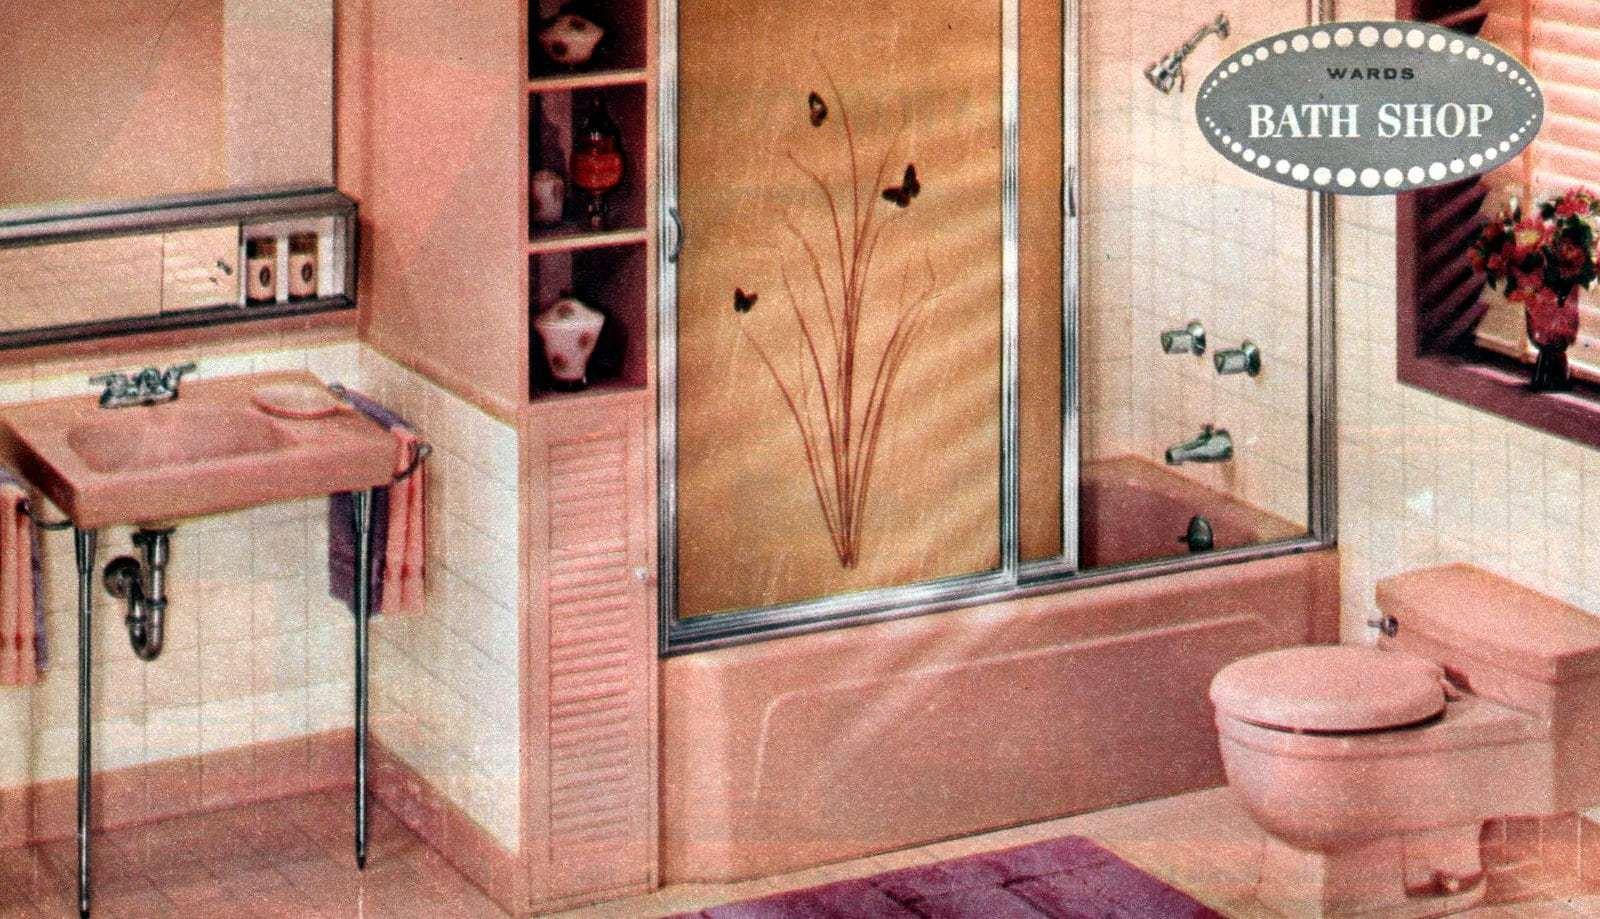 Vintage pink bathrooms Montgomery Ward bathroom suites 1961